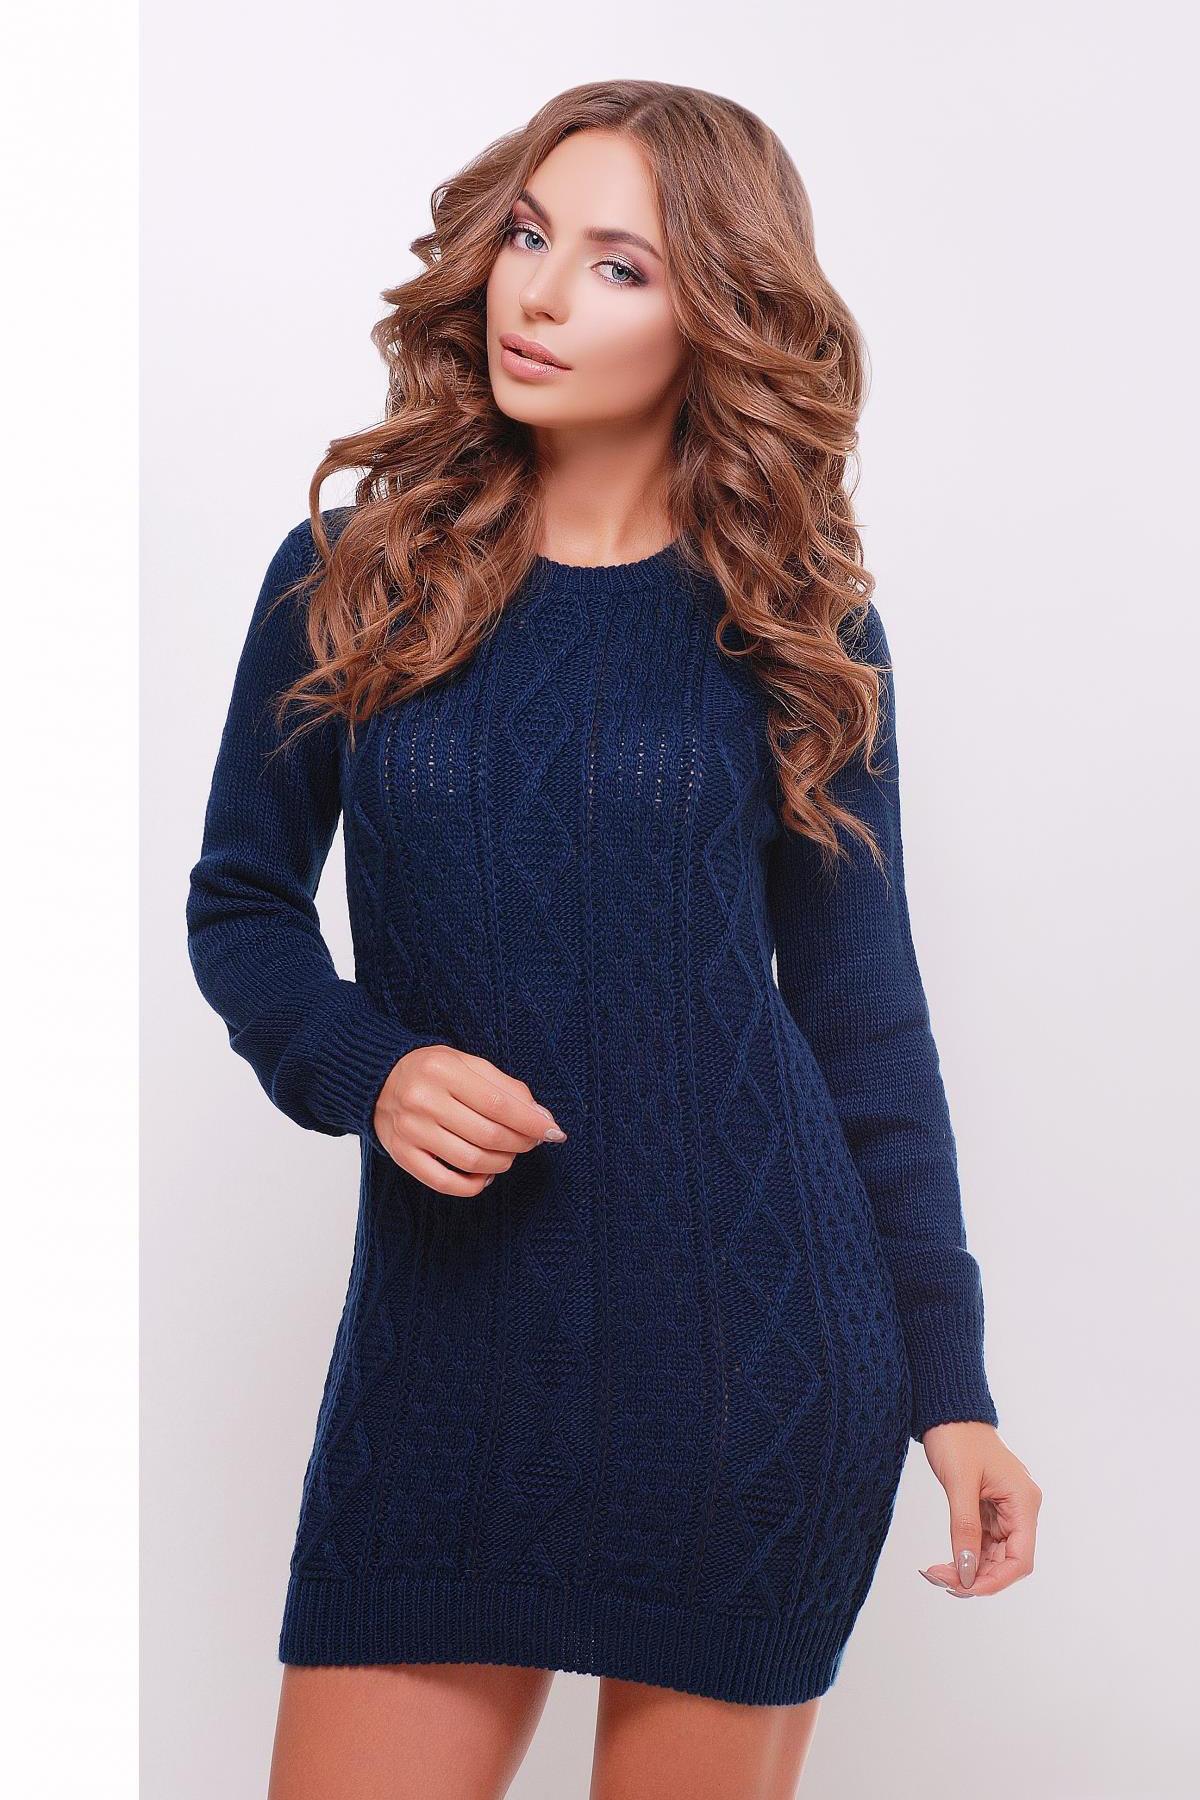 6eac1b6b5db1 теплое вязаное платье туника. Платье-туника 143. Цвет  темно-синий